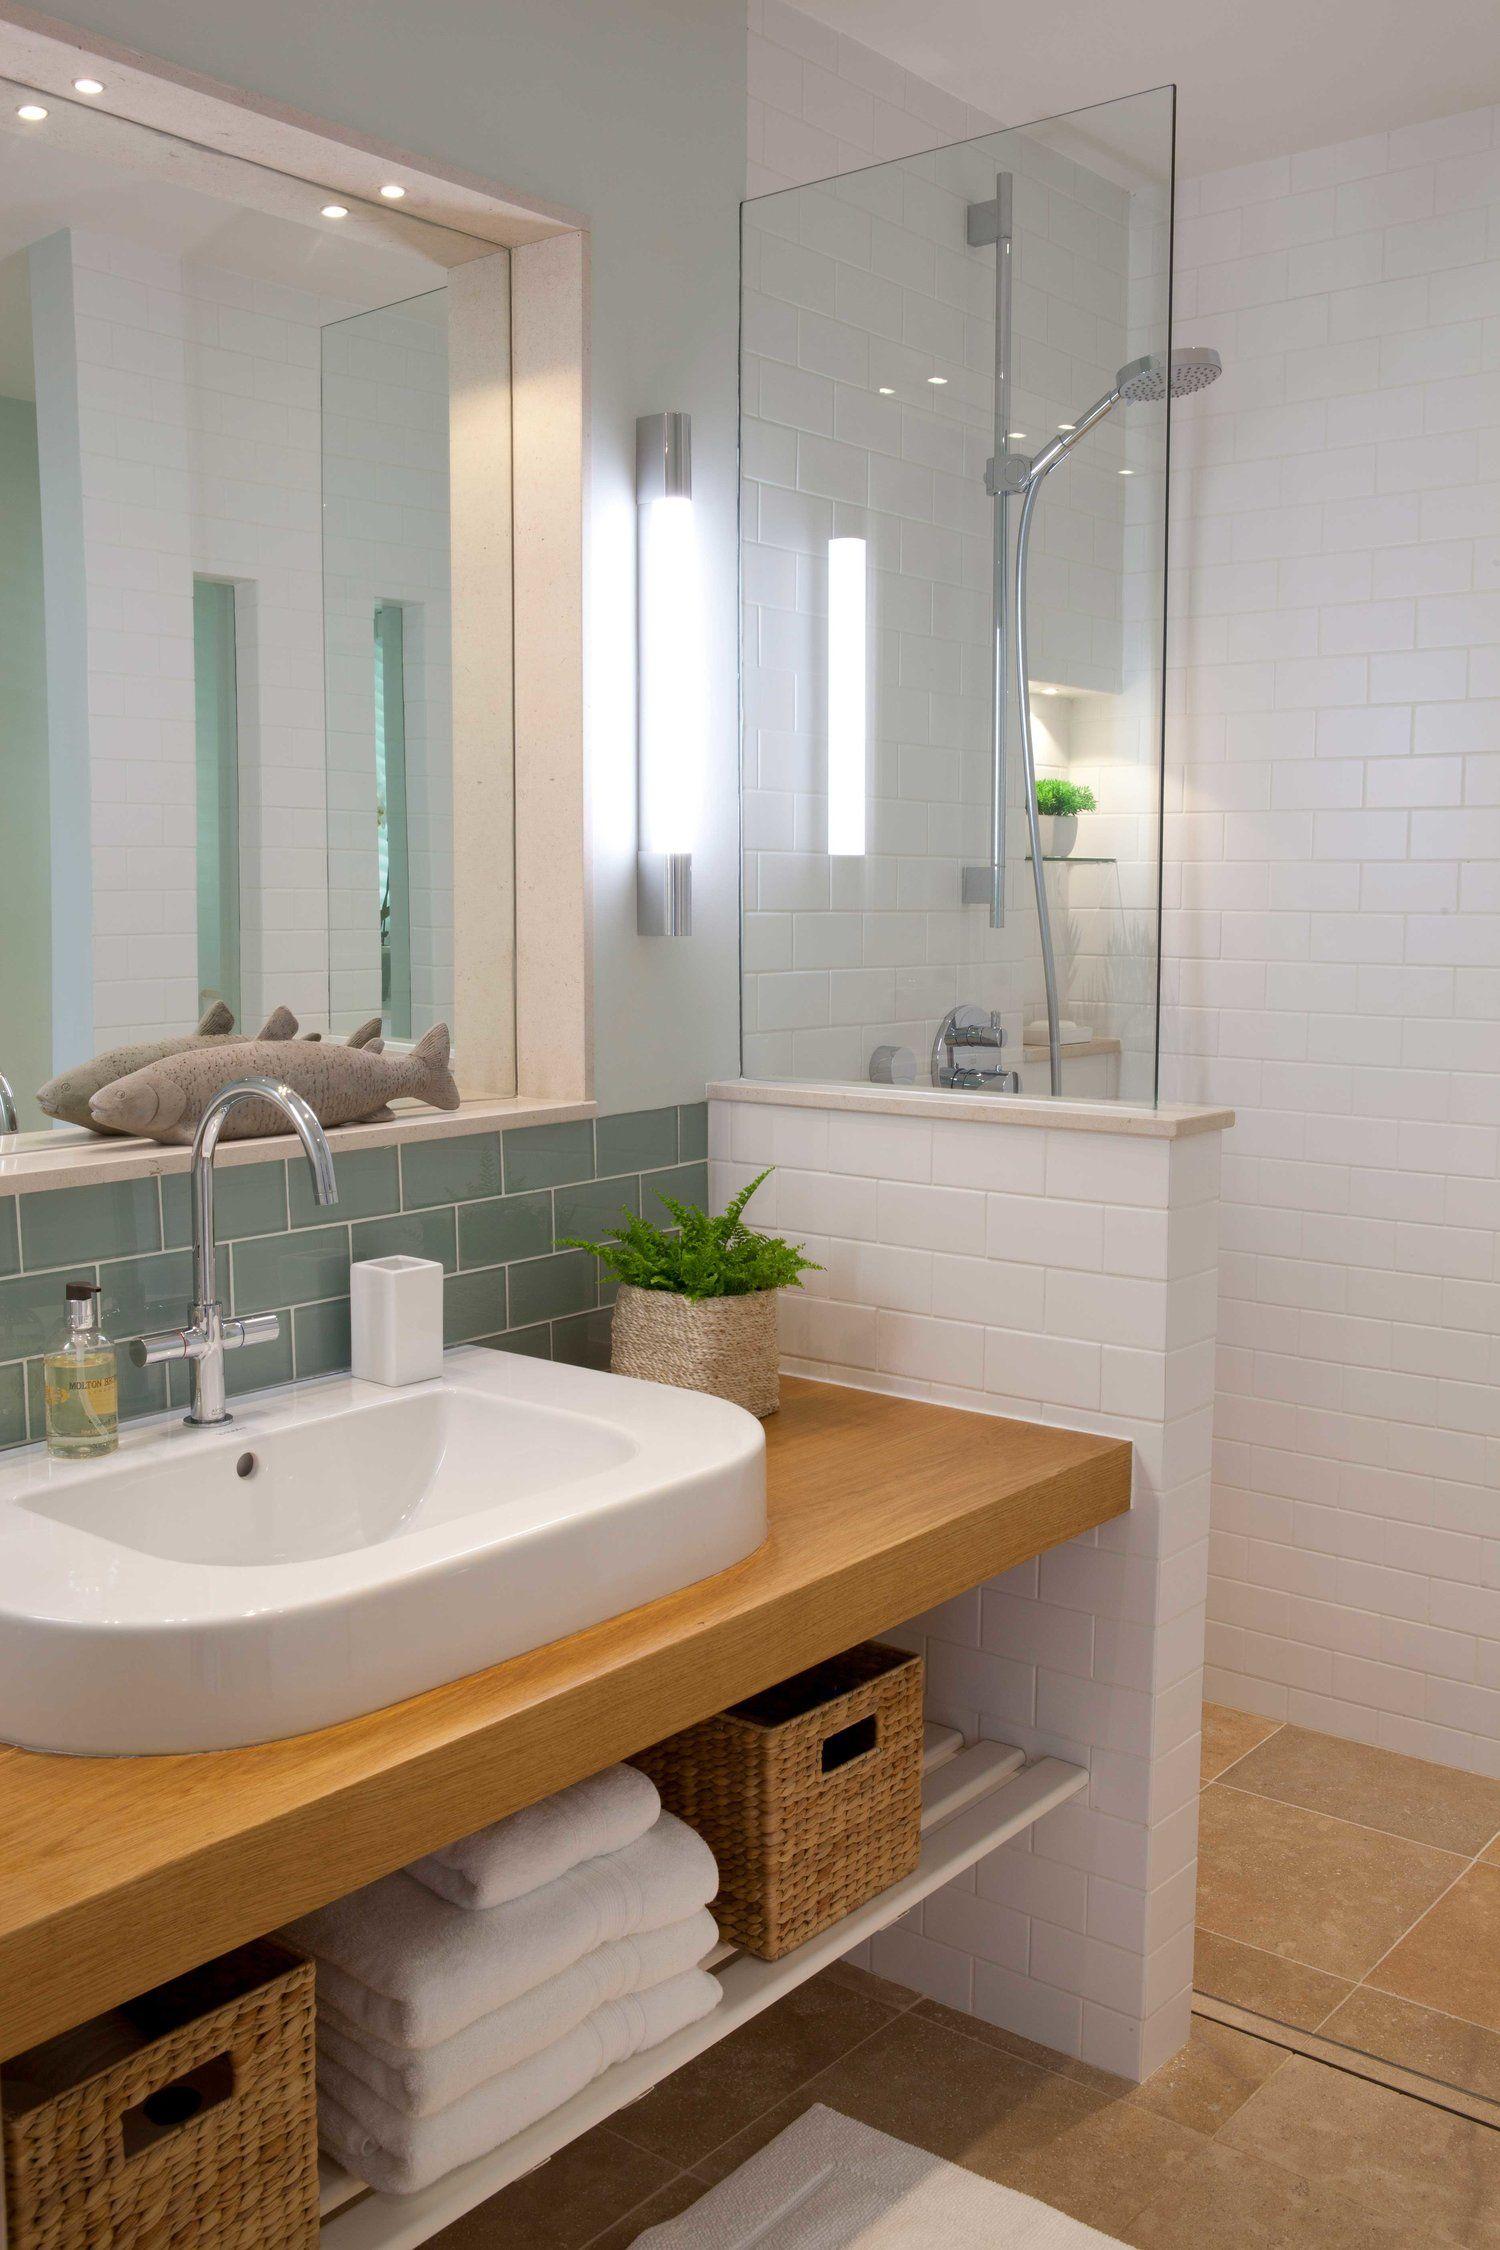 B A T H I N G  Idée salle de bain, Salle de bain 15m15, Salle de